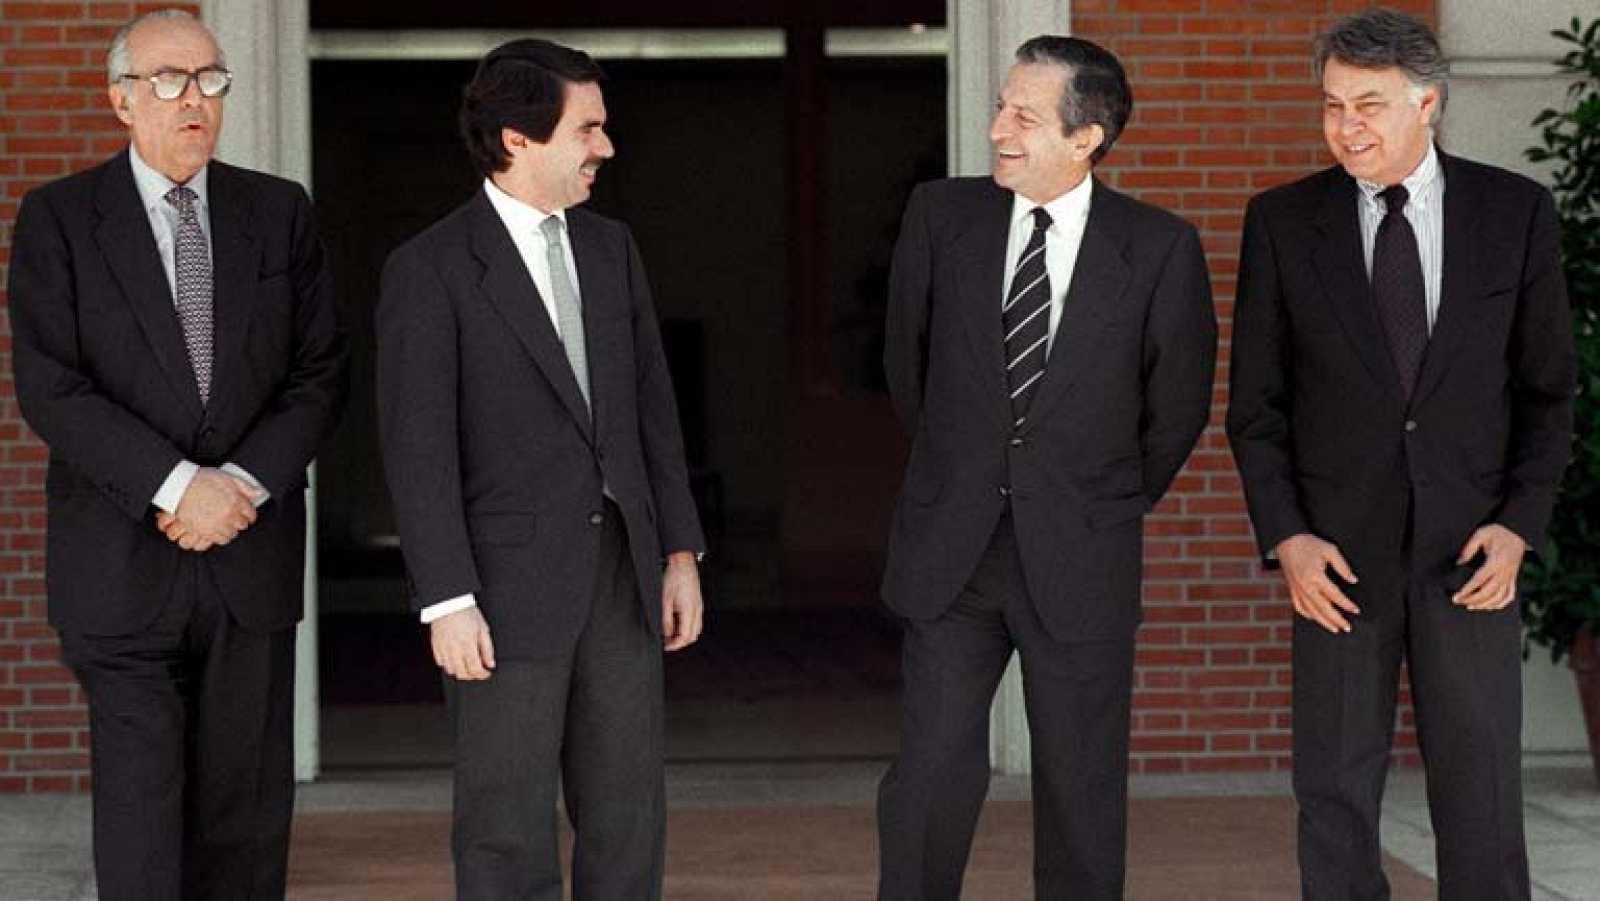 Quienes compartieron vida vida política con Adolfo Suárez recuerdan su carácter conciliador y capacidad de comunicación